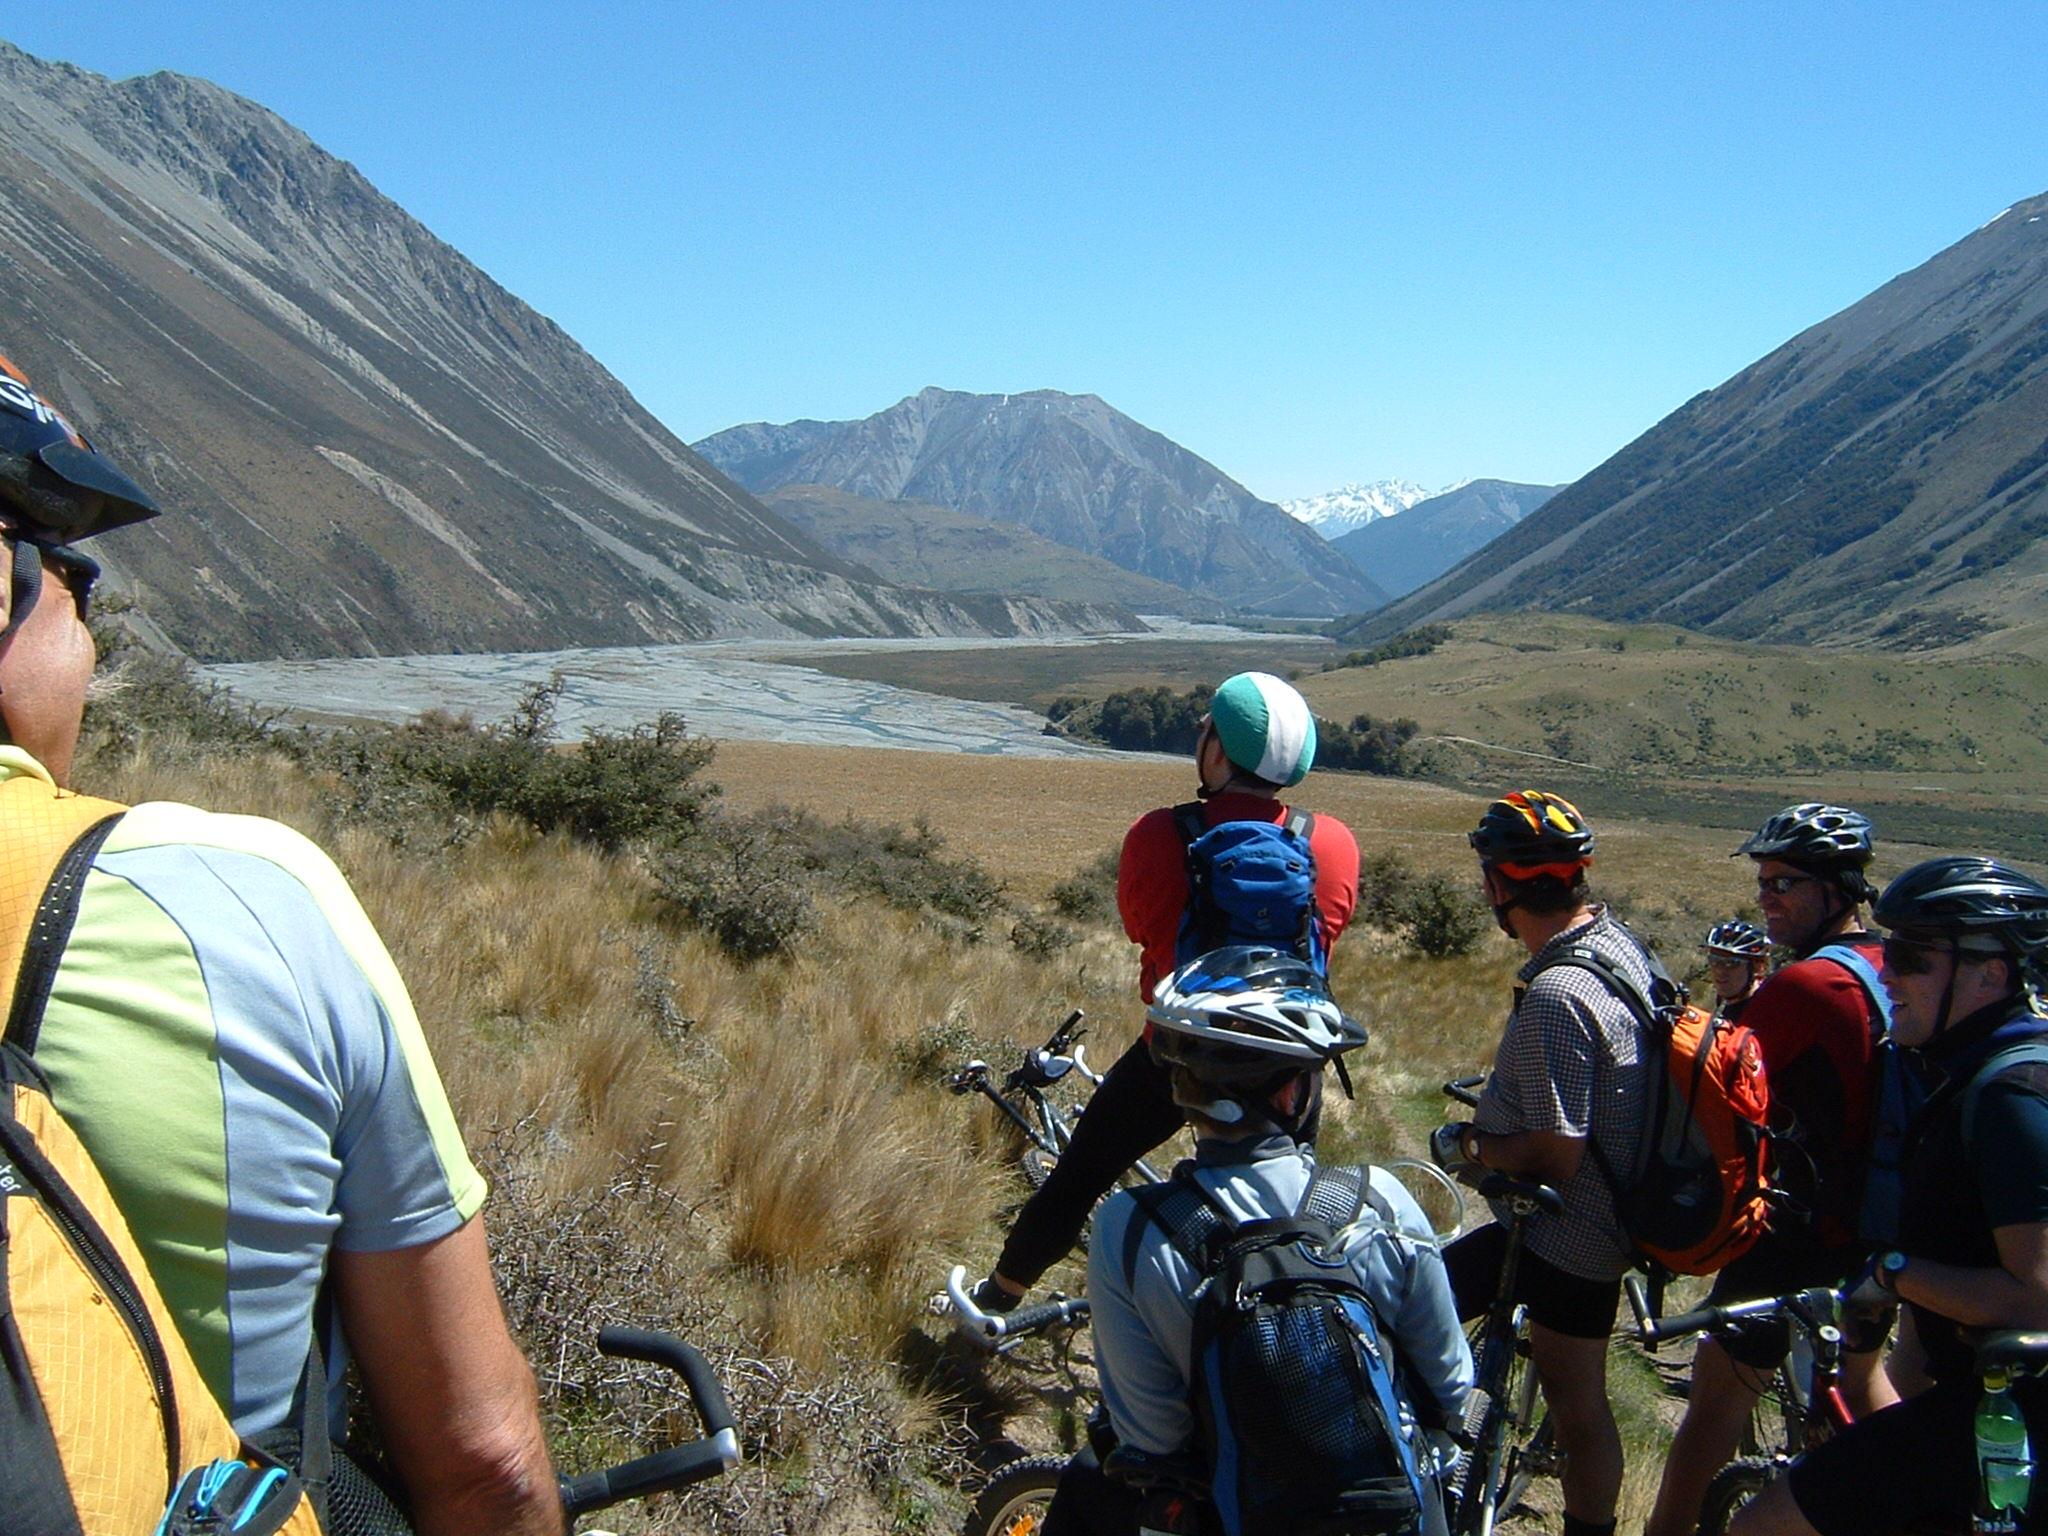 Taking a break - Mountain biking in New Zealand